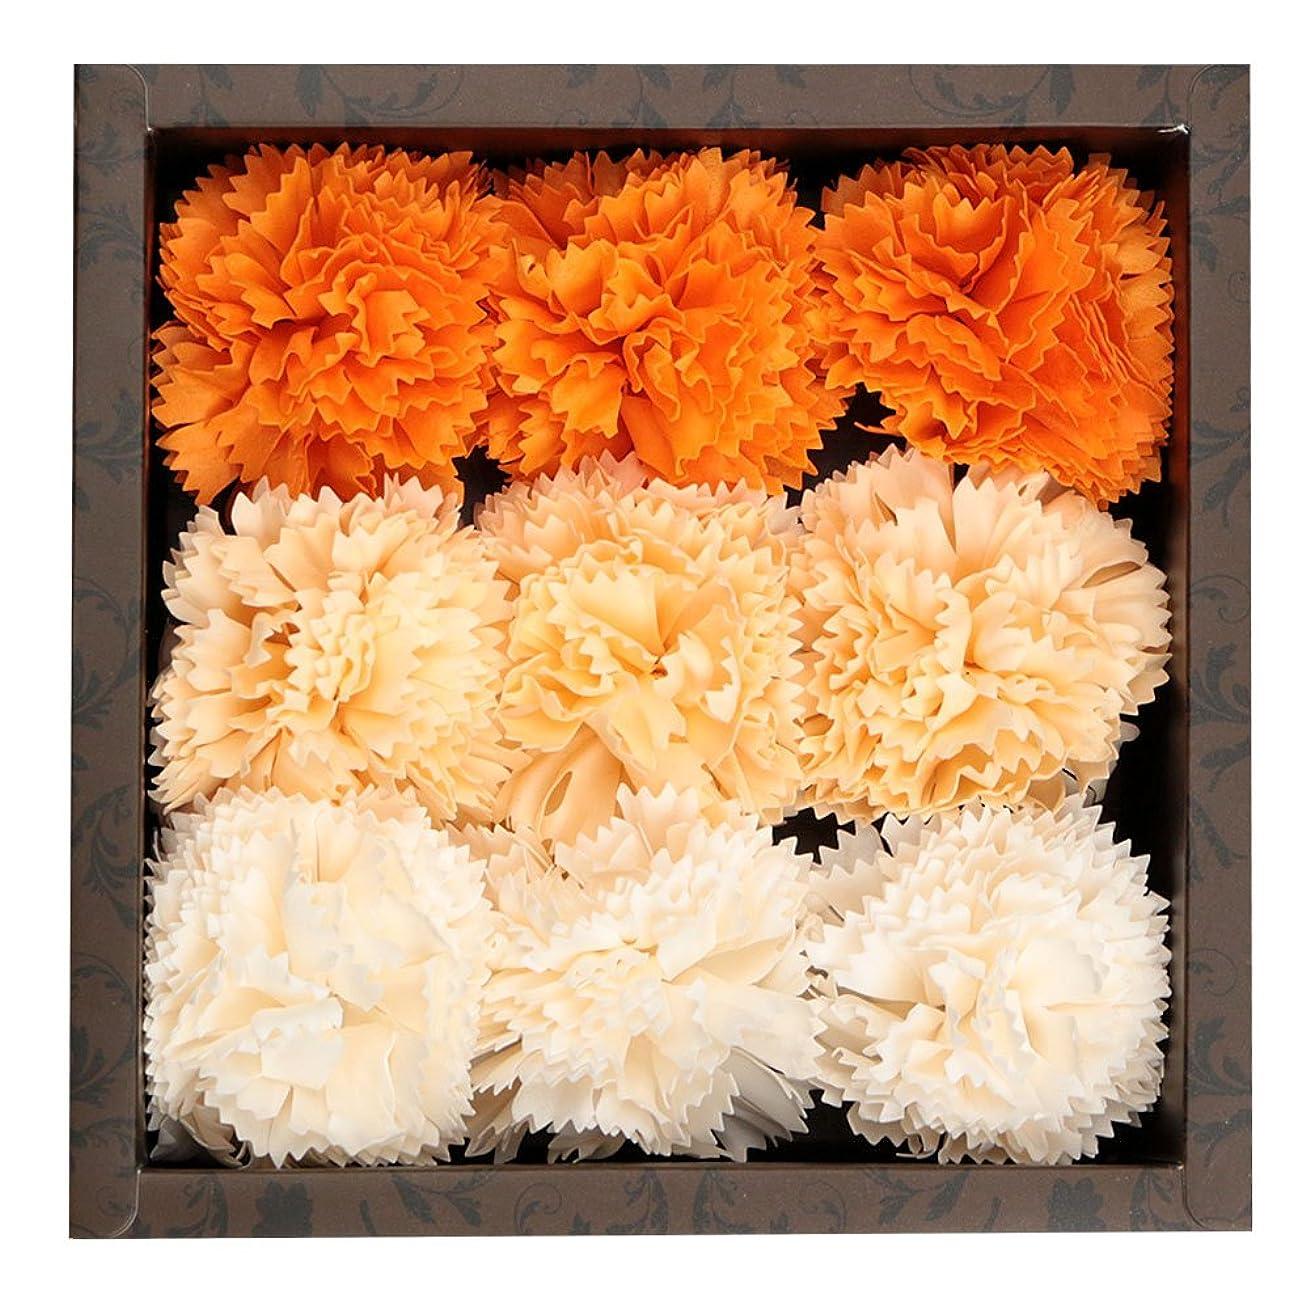 協力確保する鉄道駅(キステ)Kisste 入浴剤 フラワーフレグランス*Carnation*~石鹸の香り~ 5-3-01955